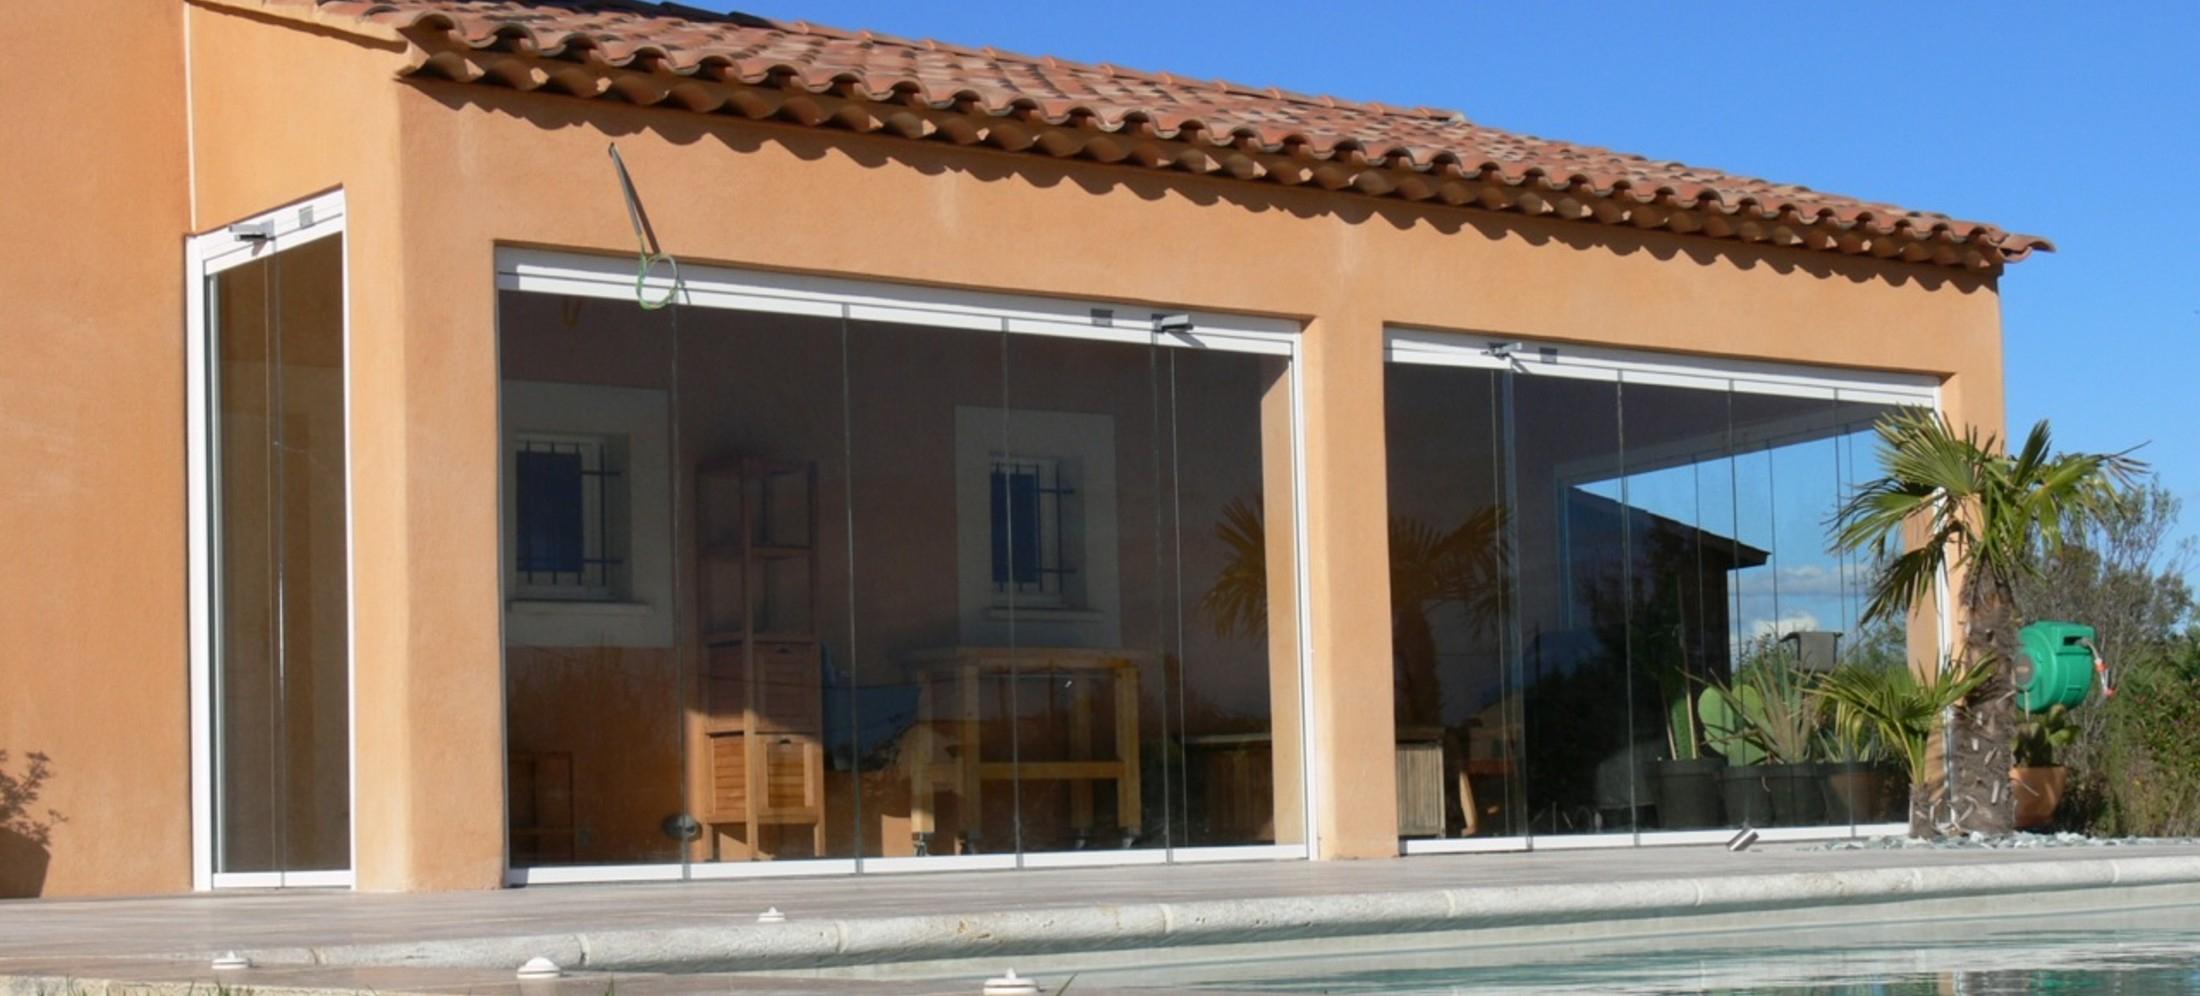 Fermer Sa Terrasse Par Un Rideau De Verre Coulissant Et ... dedans Photo Fermer Une Terrasse Couverte